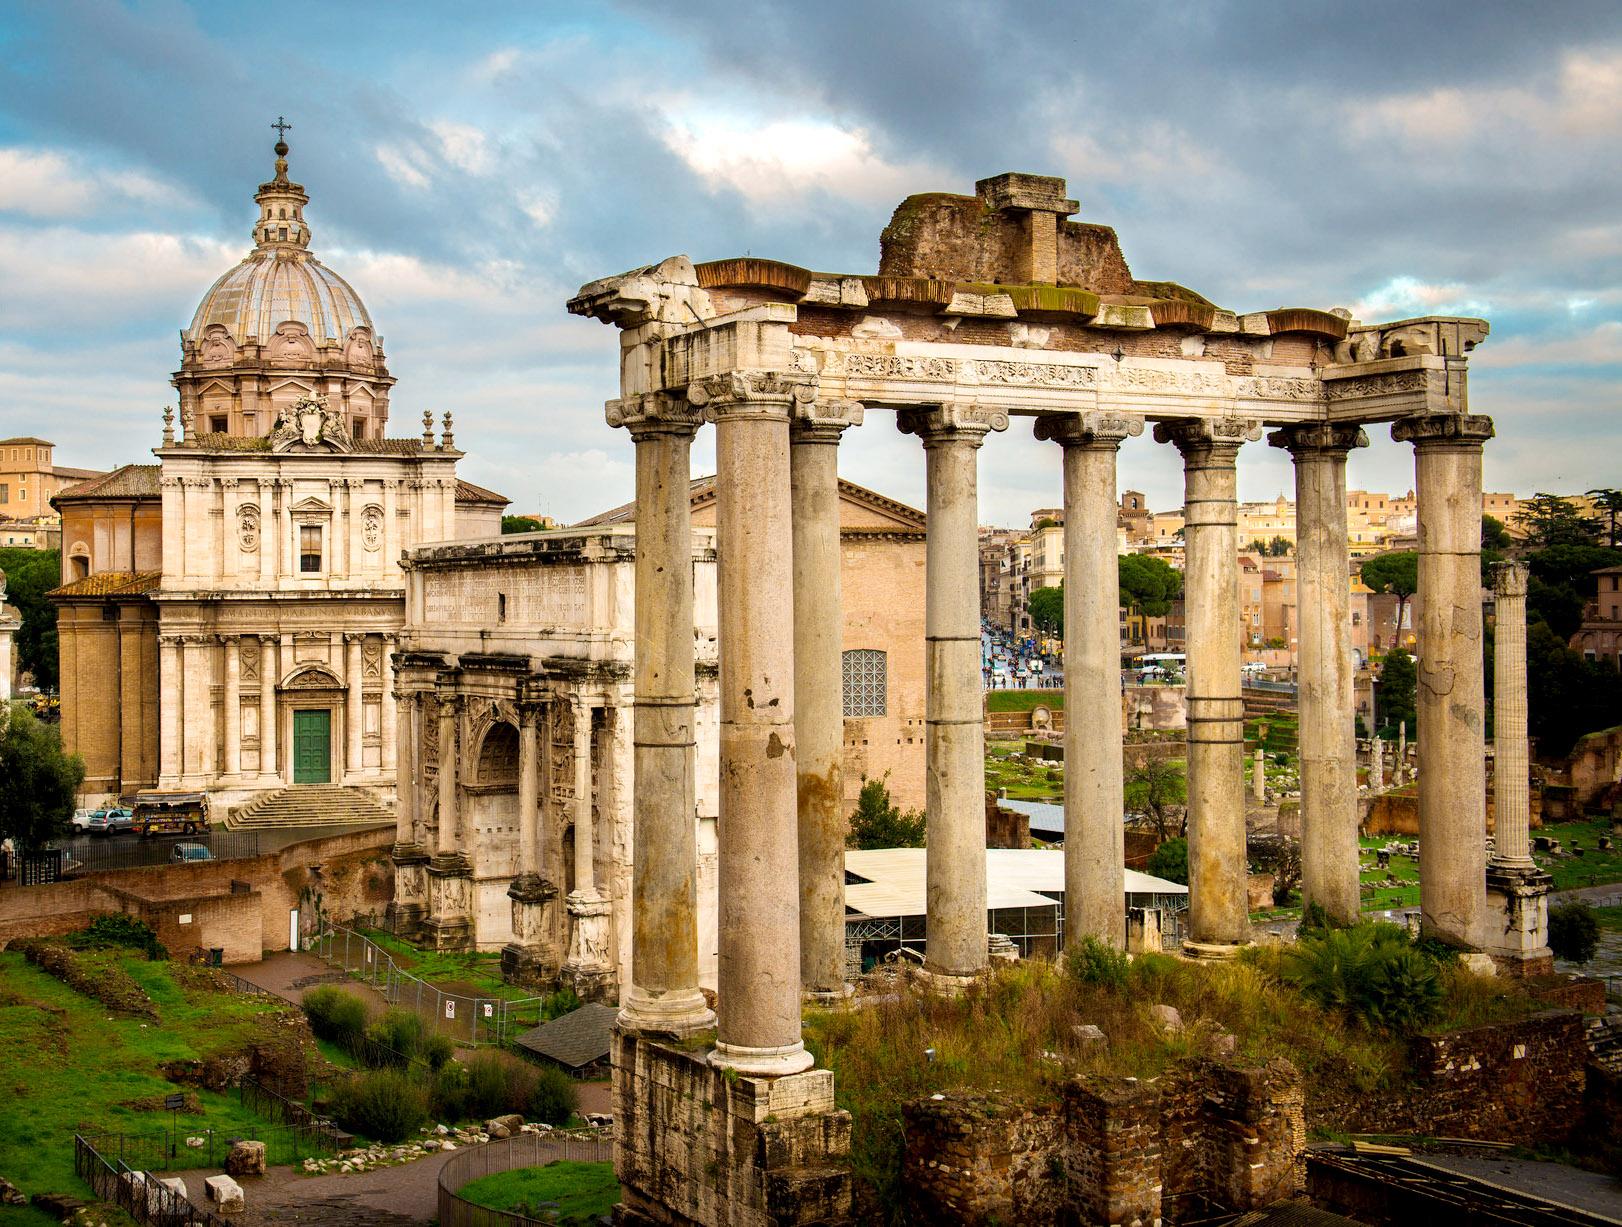 без древний рим архитектура кратко фото стало